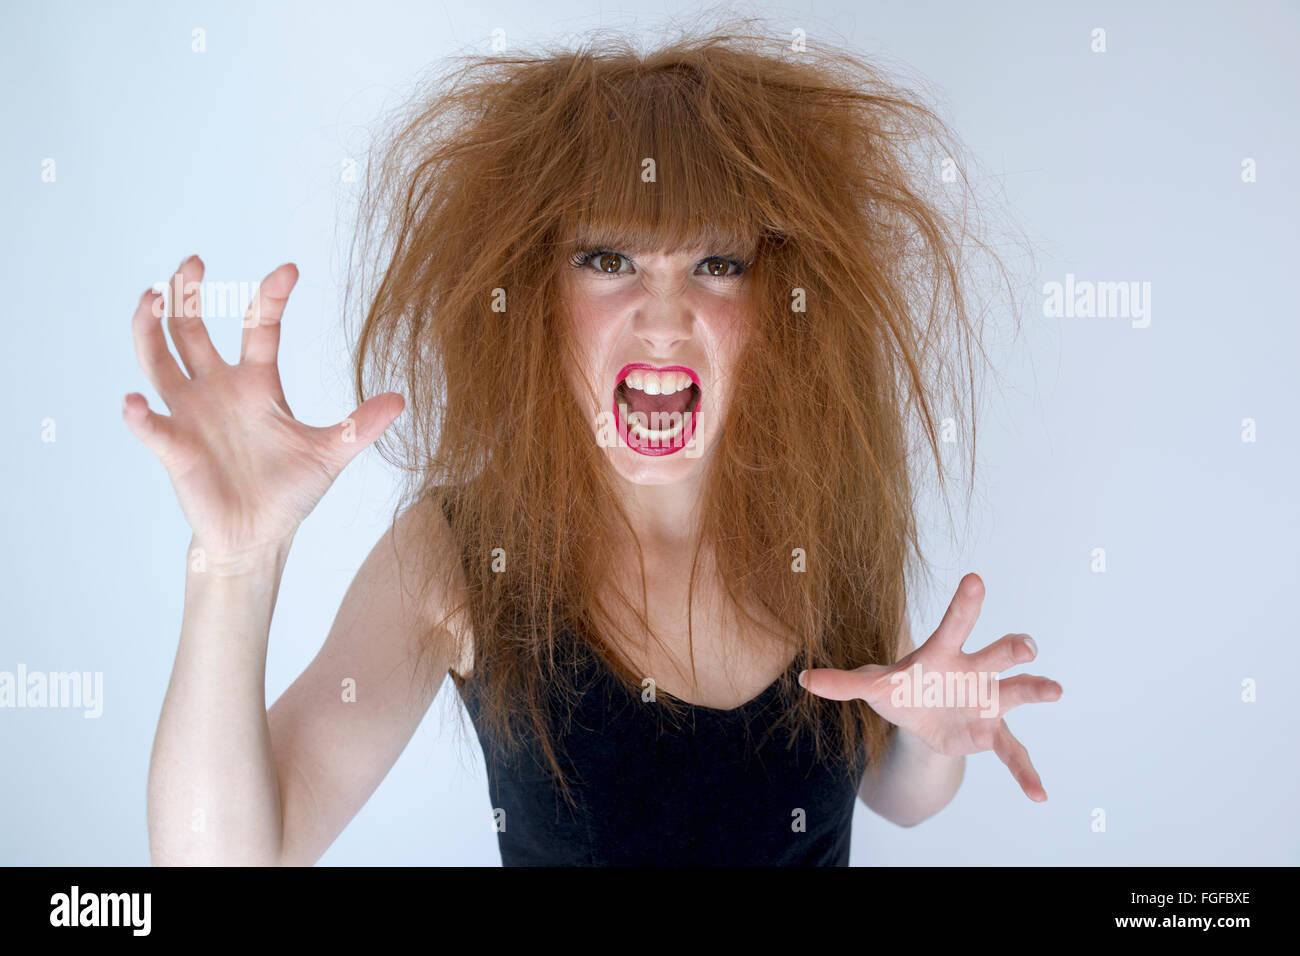 Mujer con el cabello marrón largo enredados desordenadas acerca de lucha gritando Imagen De Stock